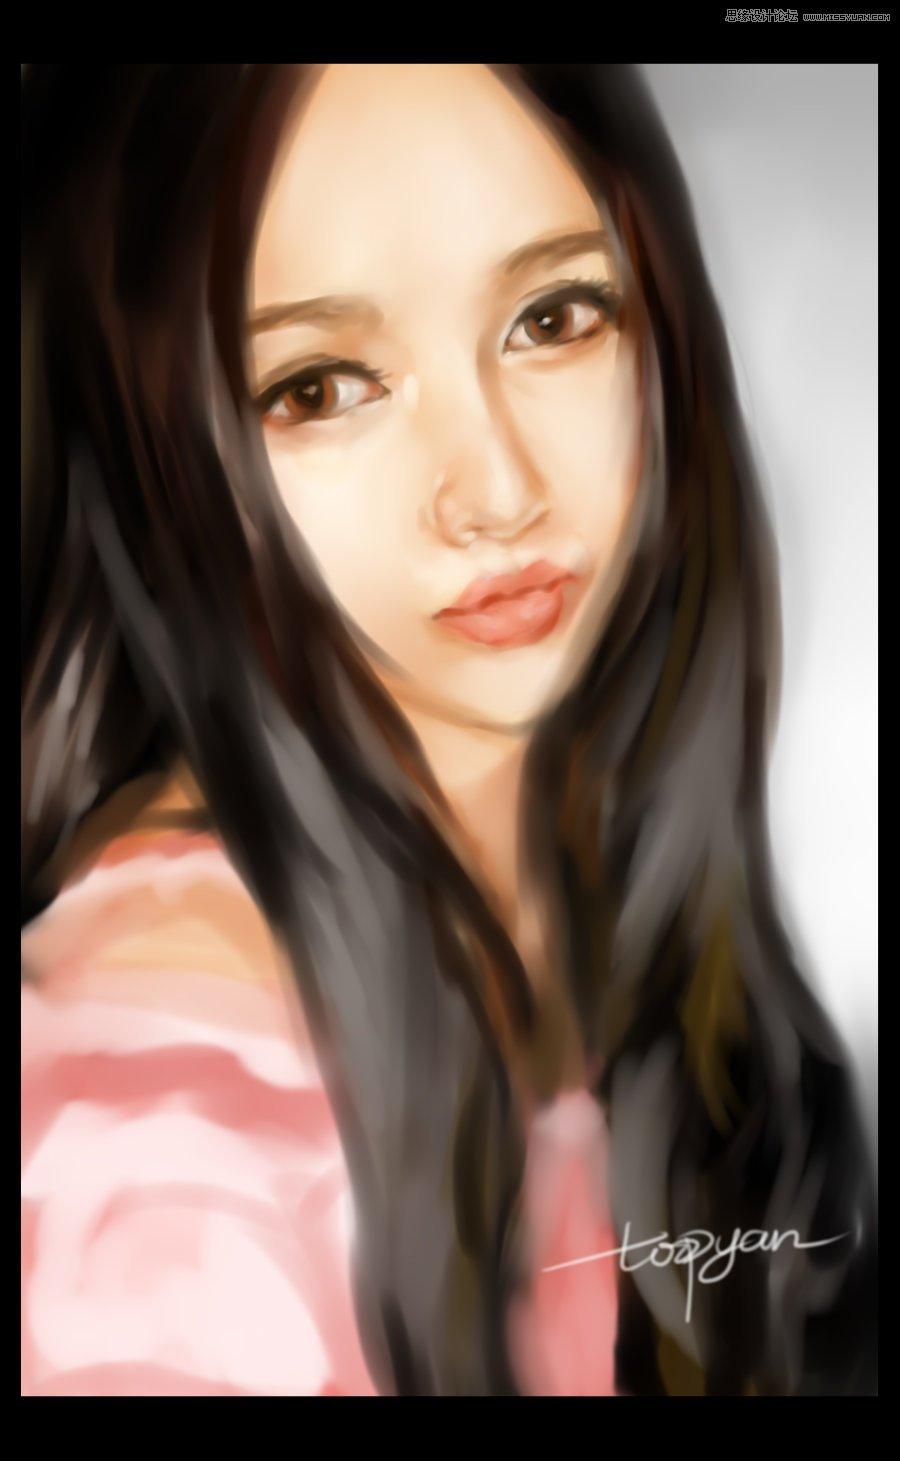 使用手绘板绘制甜美可爱的美女作品(4)